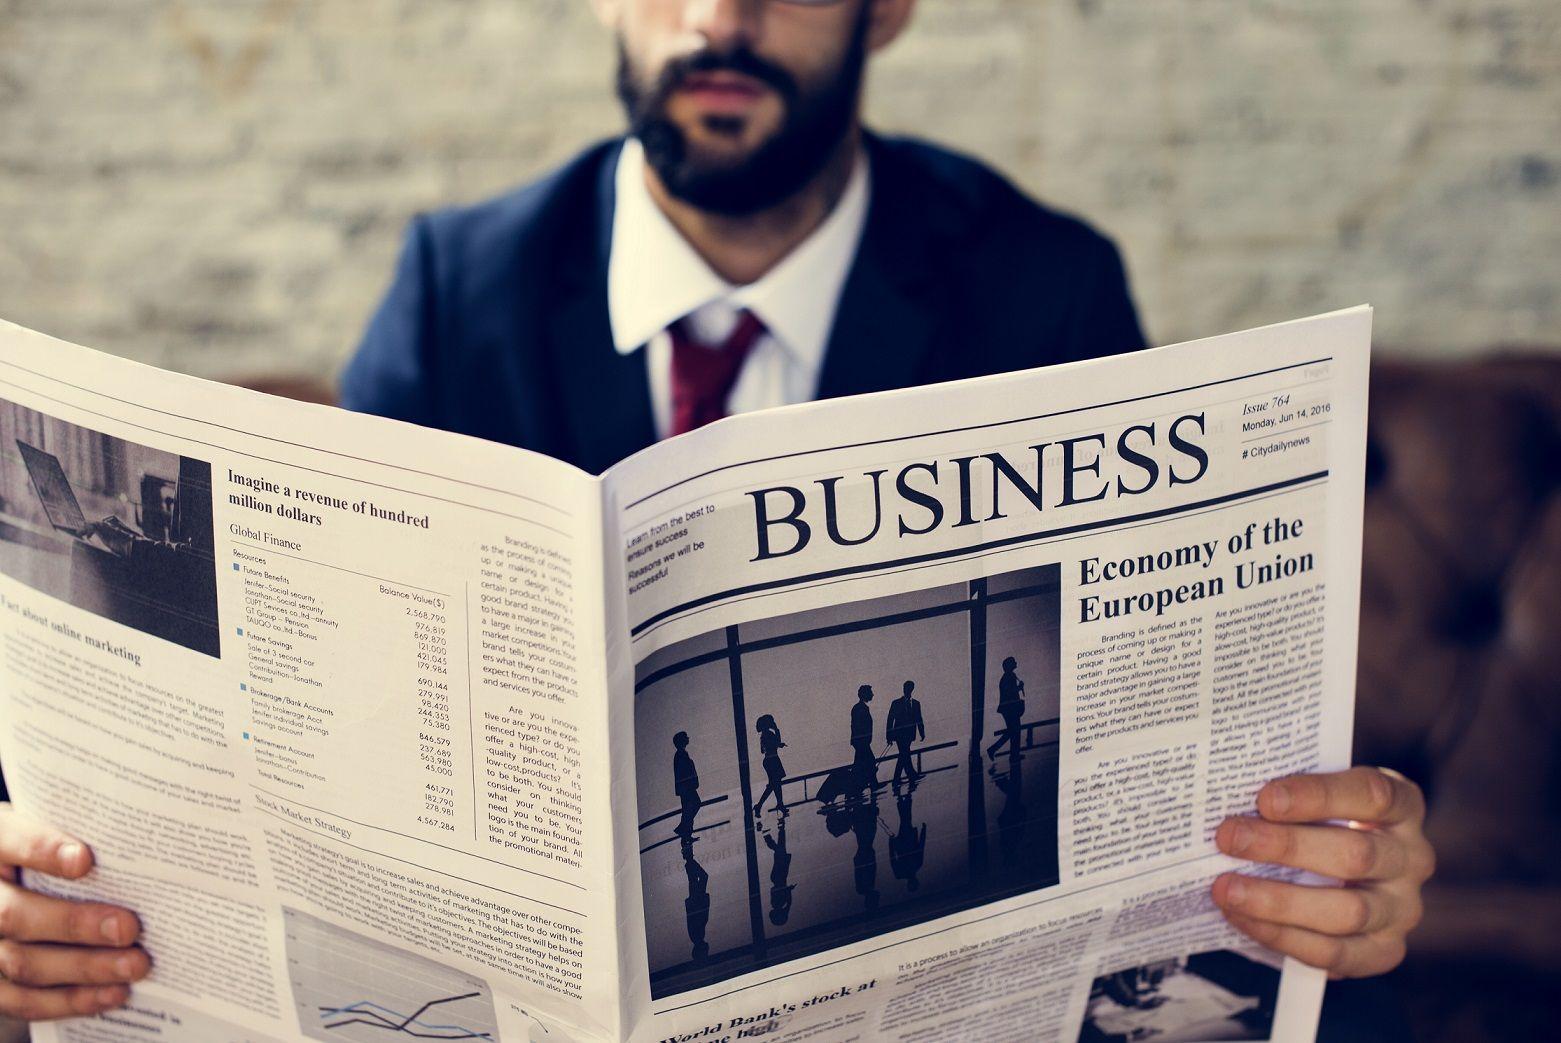 Совет по финансовой отчетности Великобритании объявил направления будущего развития аудита и отчетности